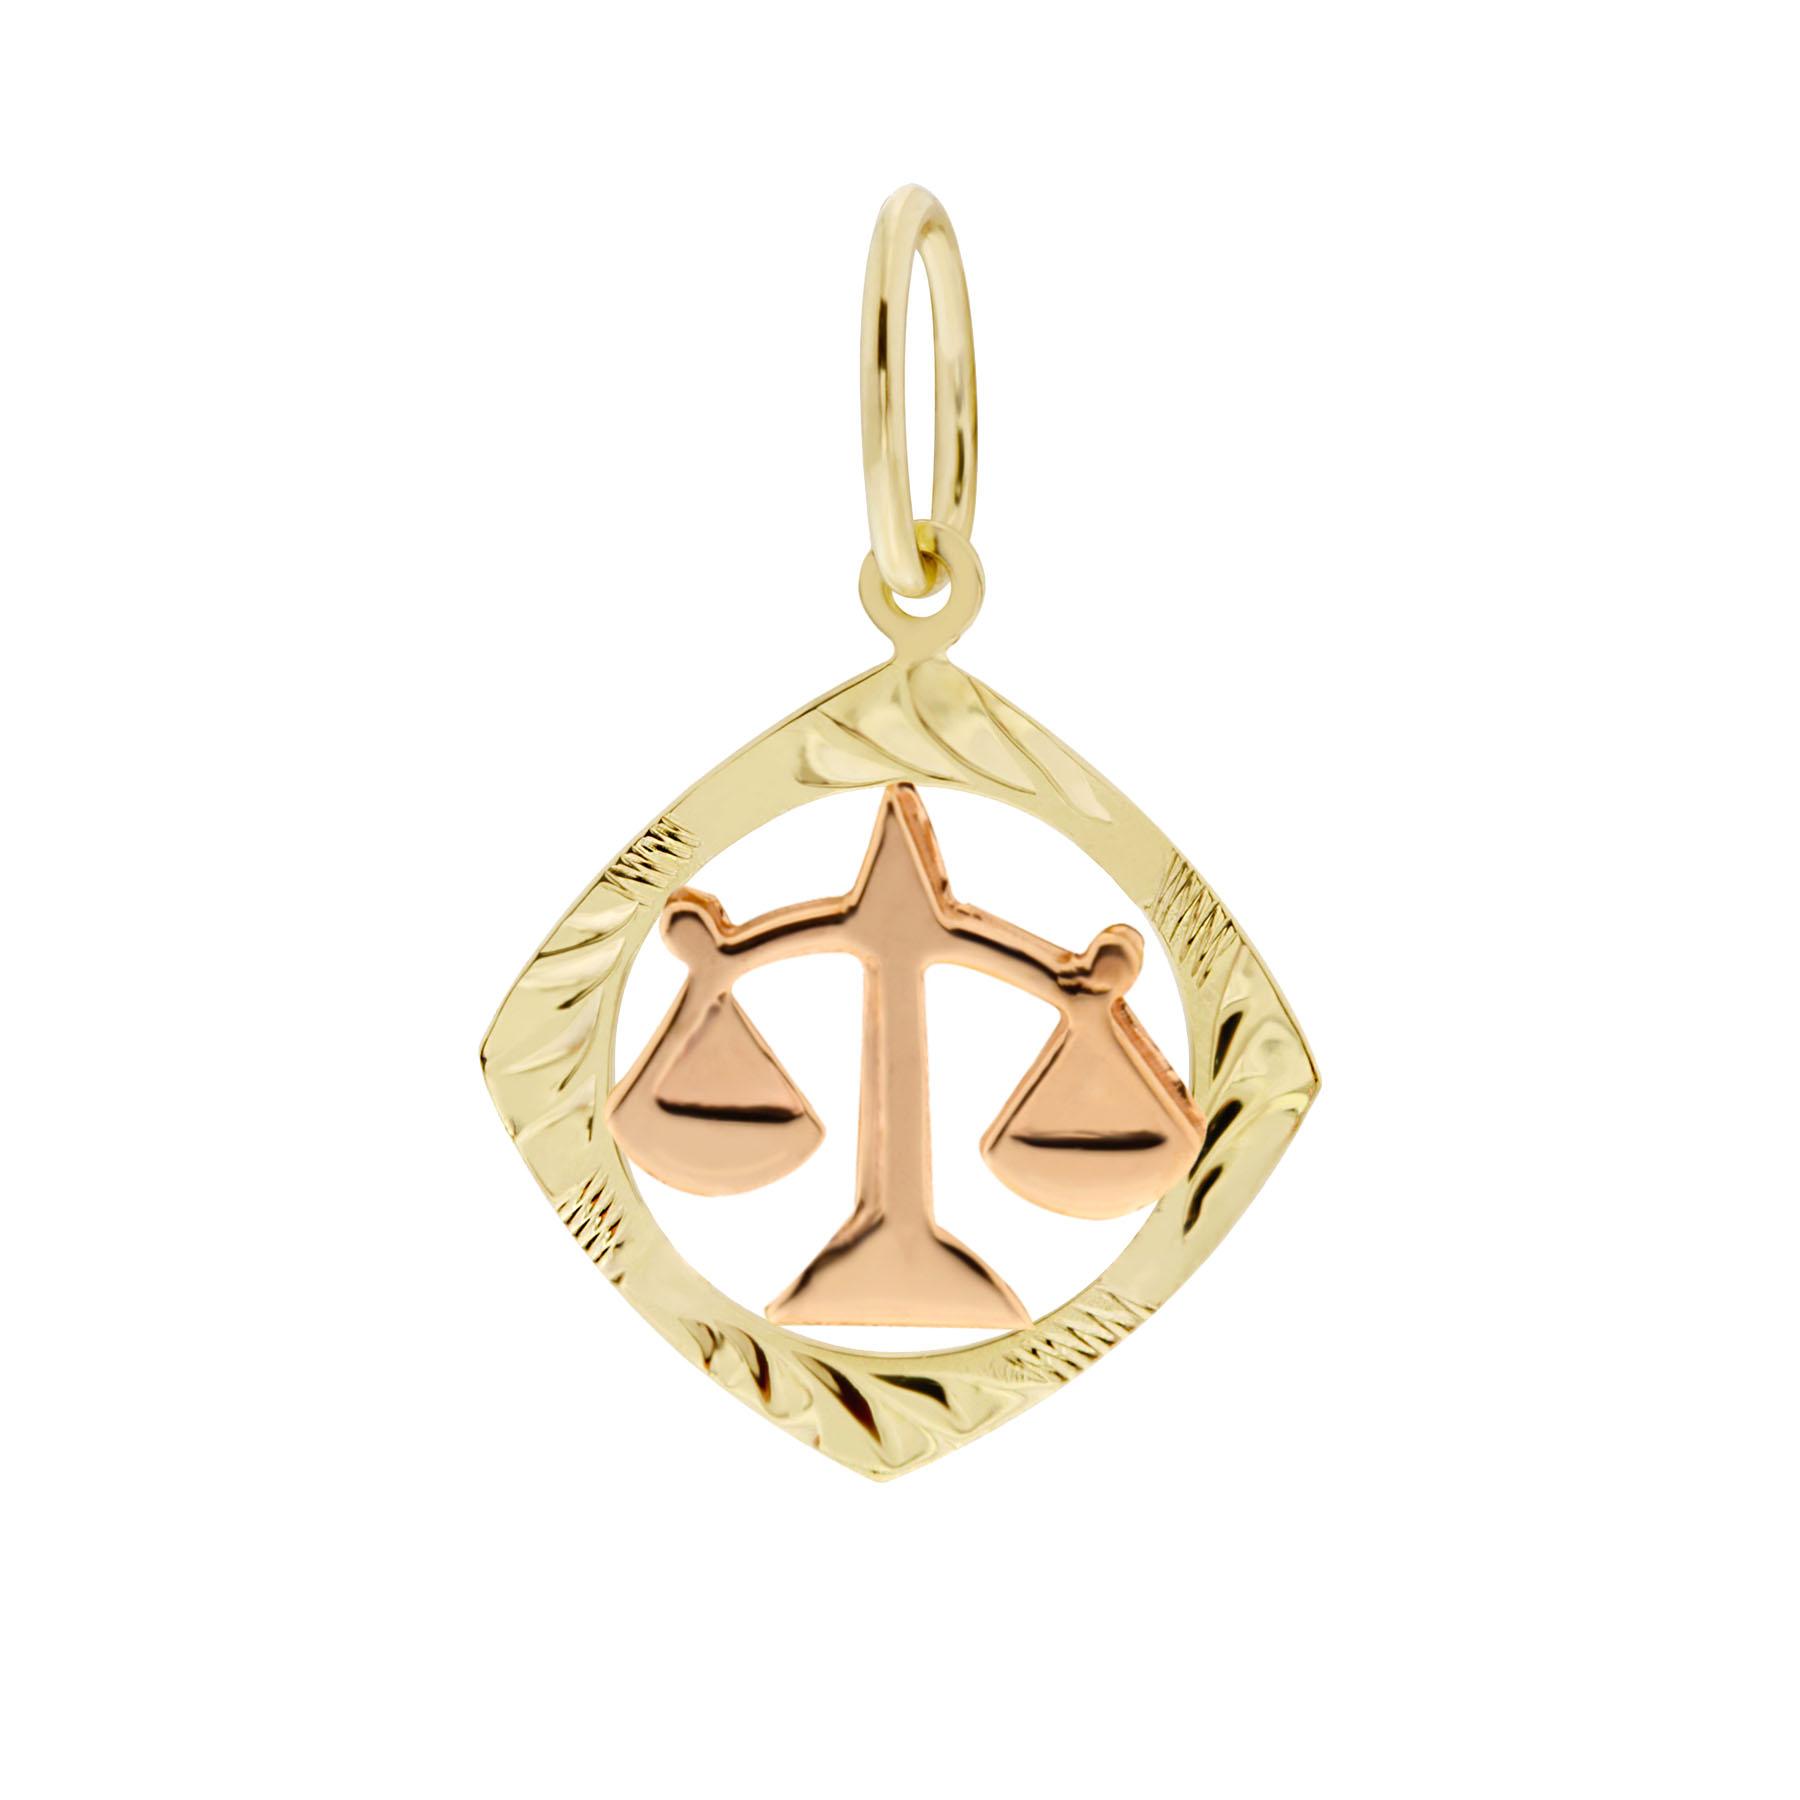 Zlatý přívěsek - znamení zvěrokruhu Váhy Tvar: Čtvereček, rytý rámeček